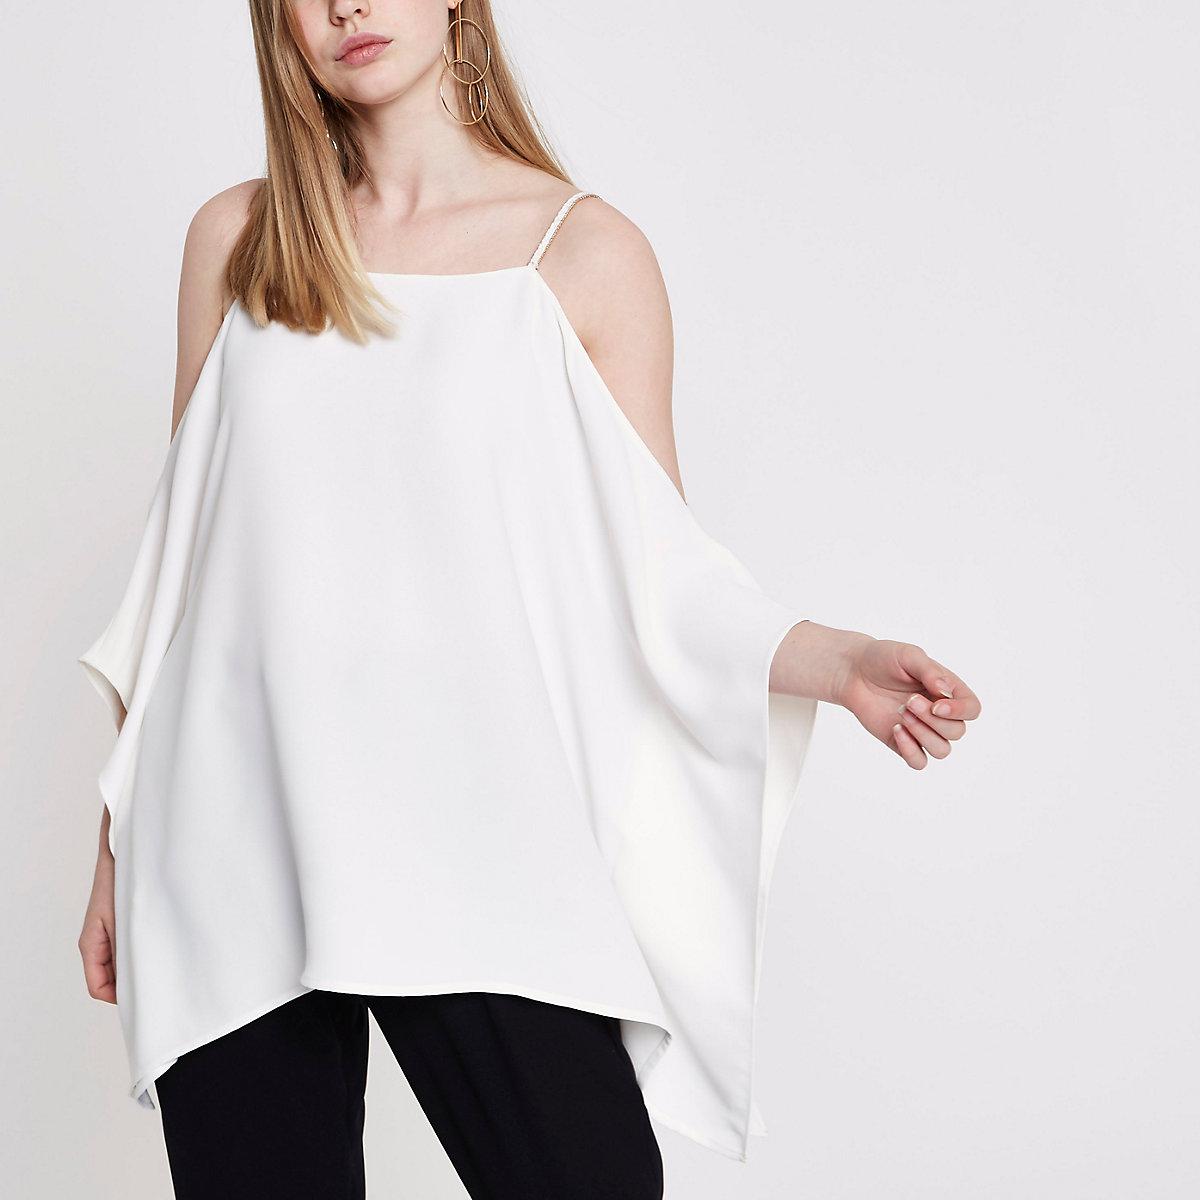 Cream cold shoulder cami top